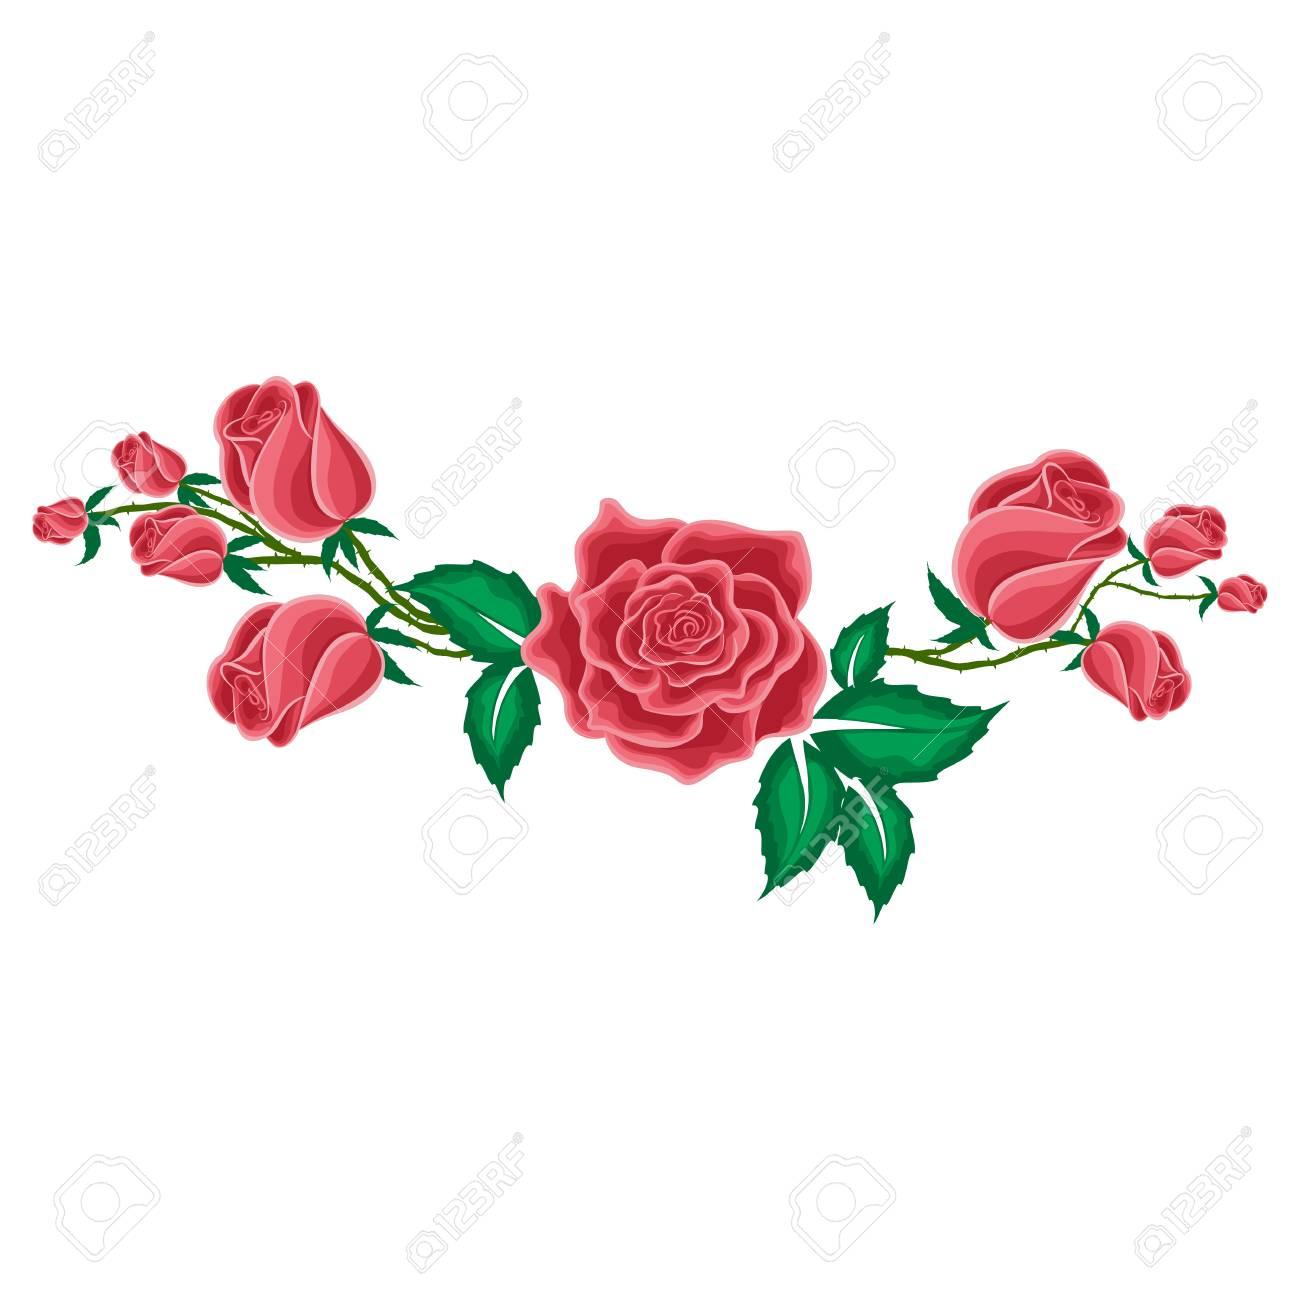 rosa roja y capullos de rosas en estilo de dibujos animados para